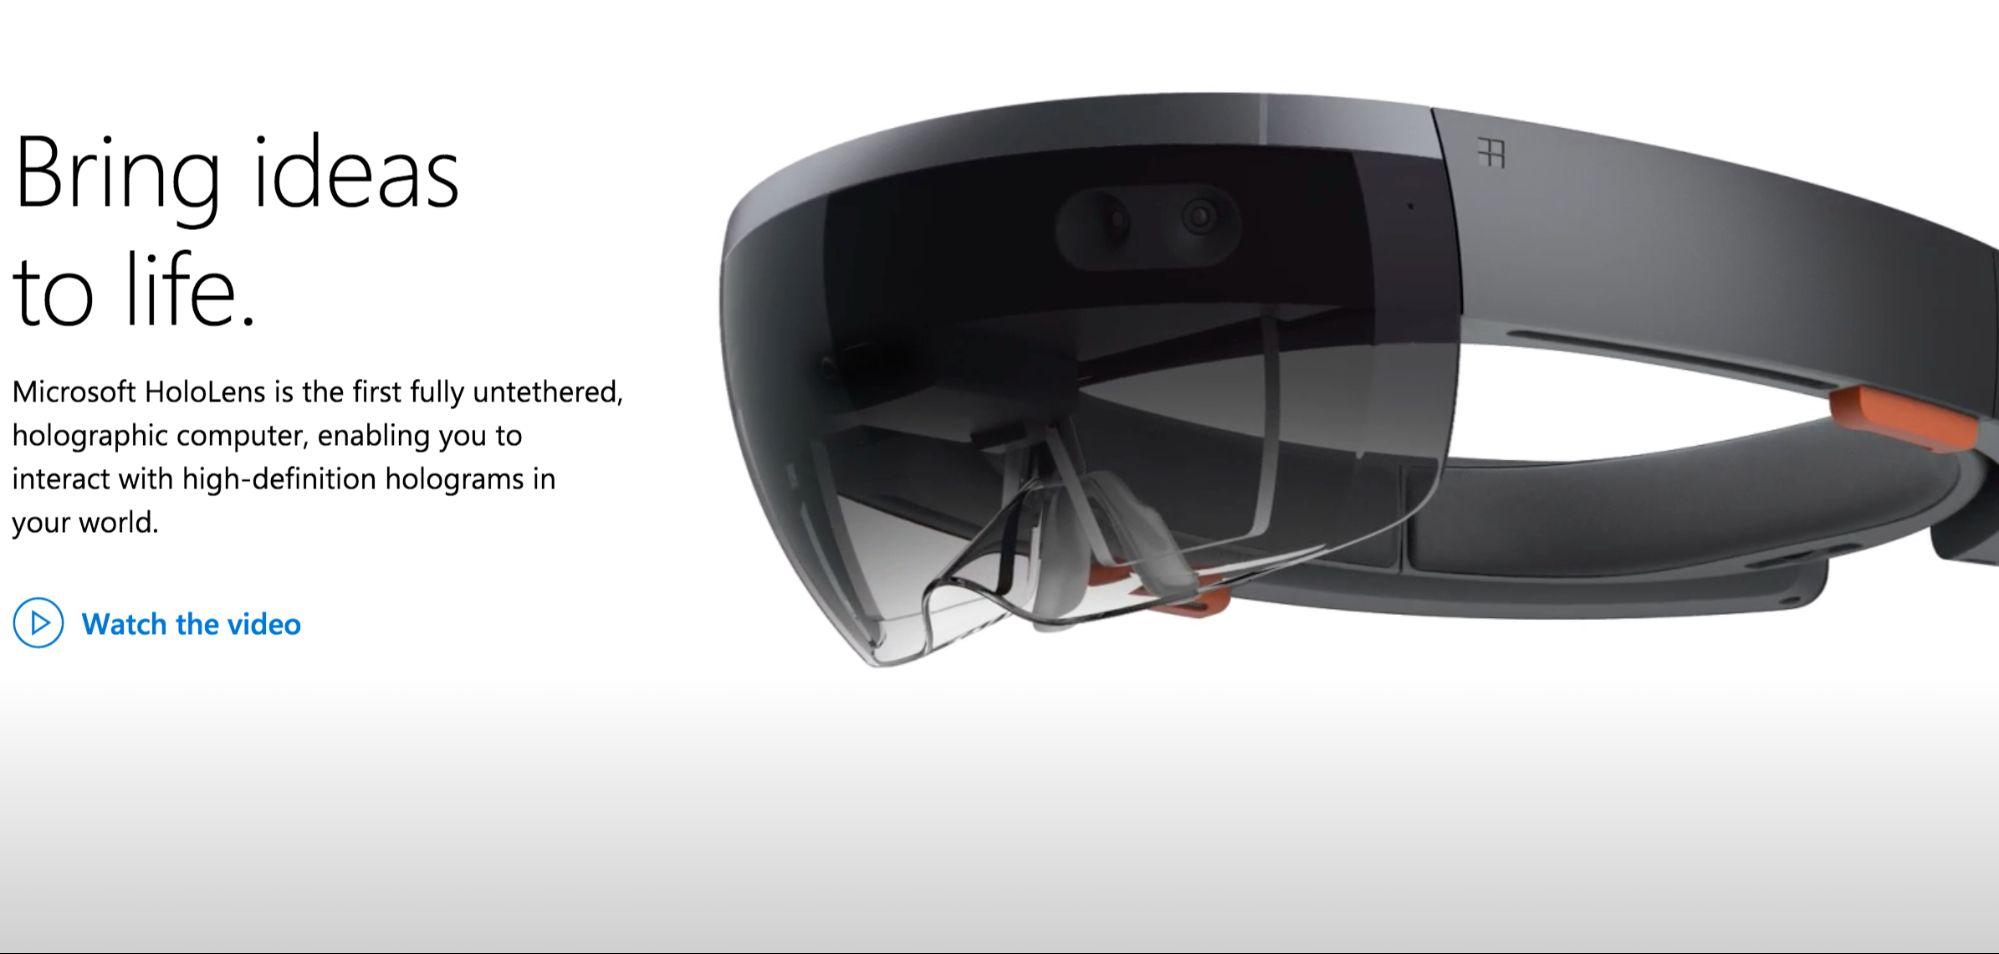 Дополненная реальность vs. виртуальная реальность: что выгоднее для бизнеса?